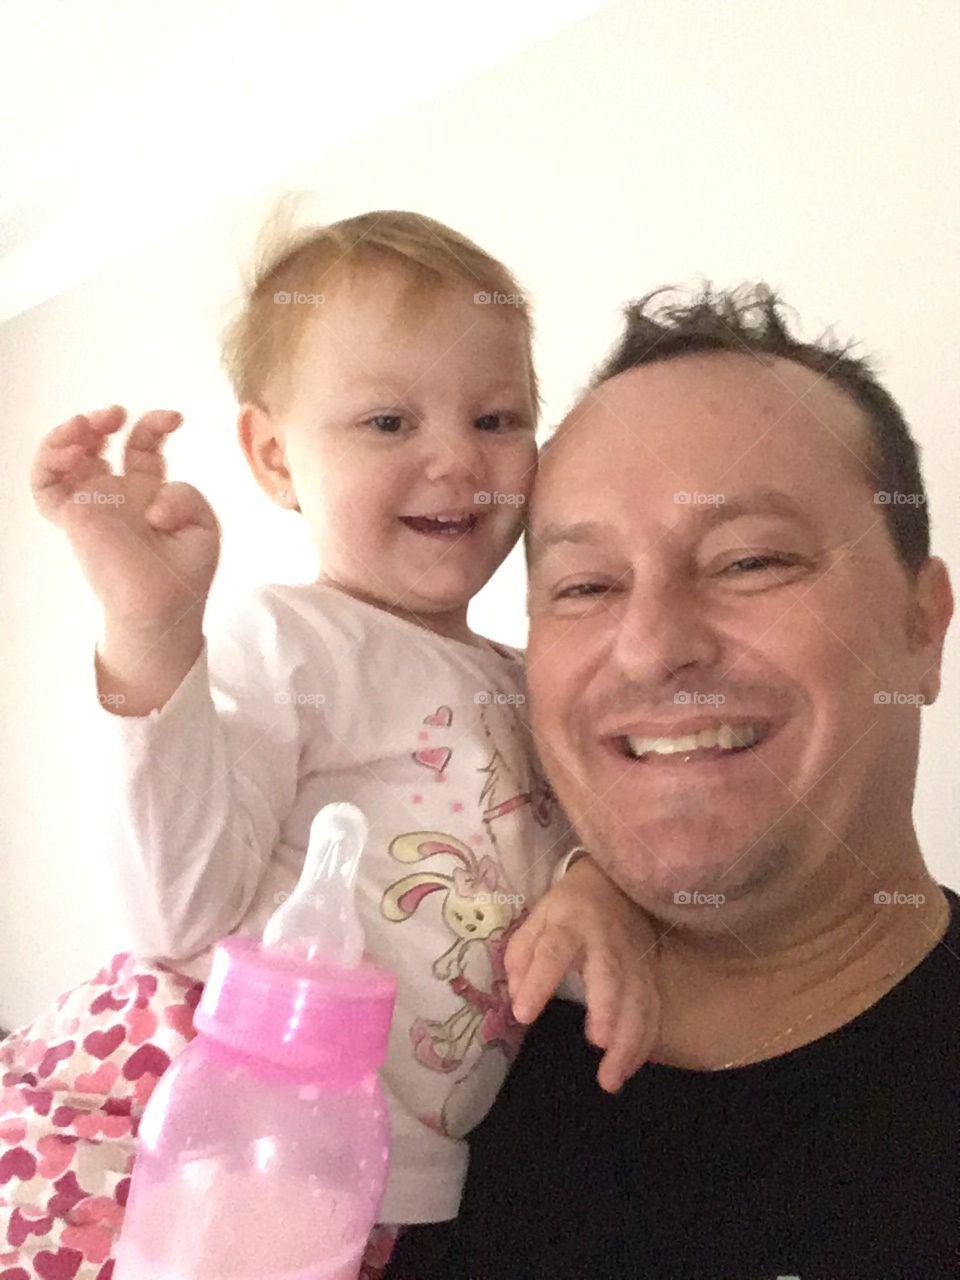 A hora mais gostosa do dia é a hora da #mamadeira! Principalmente quando eu ganho um doce #beijinho da #filha sapeca... 🍼  #bebê #baby #amor #carinho #paidemeninas #paternidade